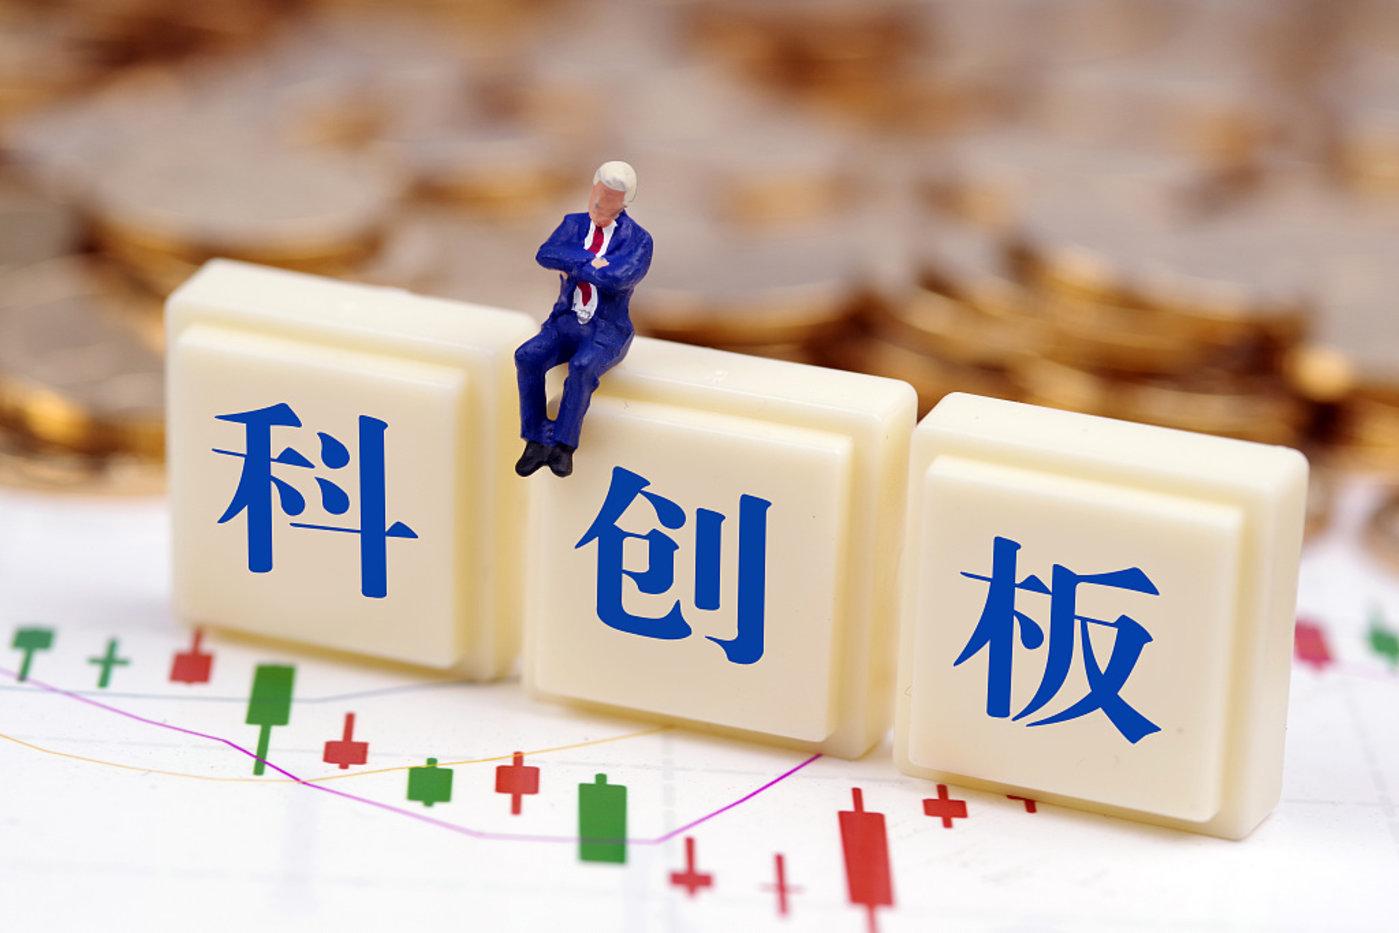 科创板IPO期间相应知产可能遭遇的疑难及前置应对方案